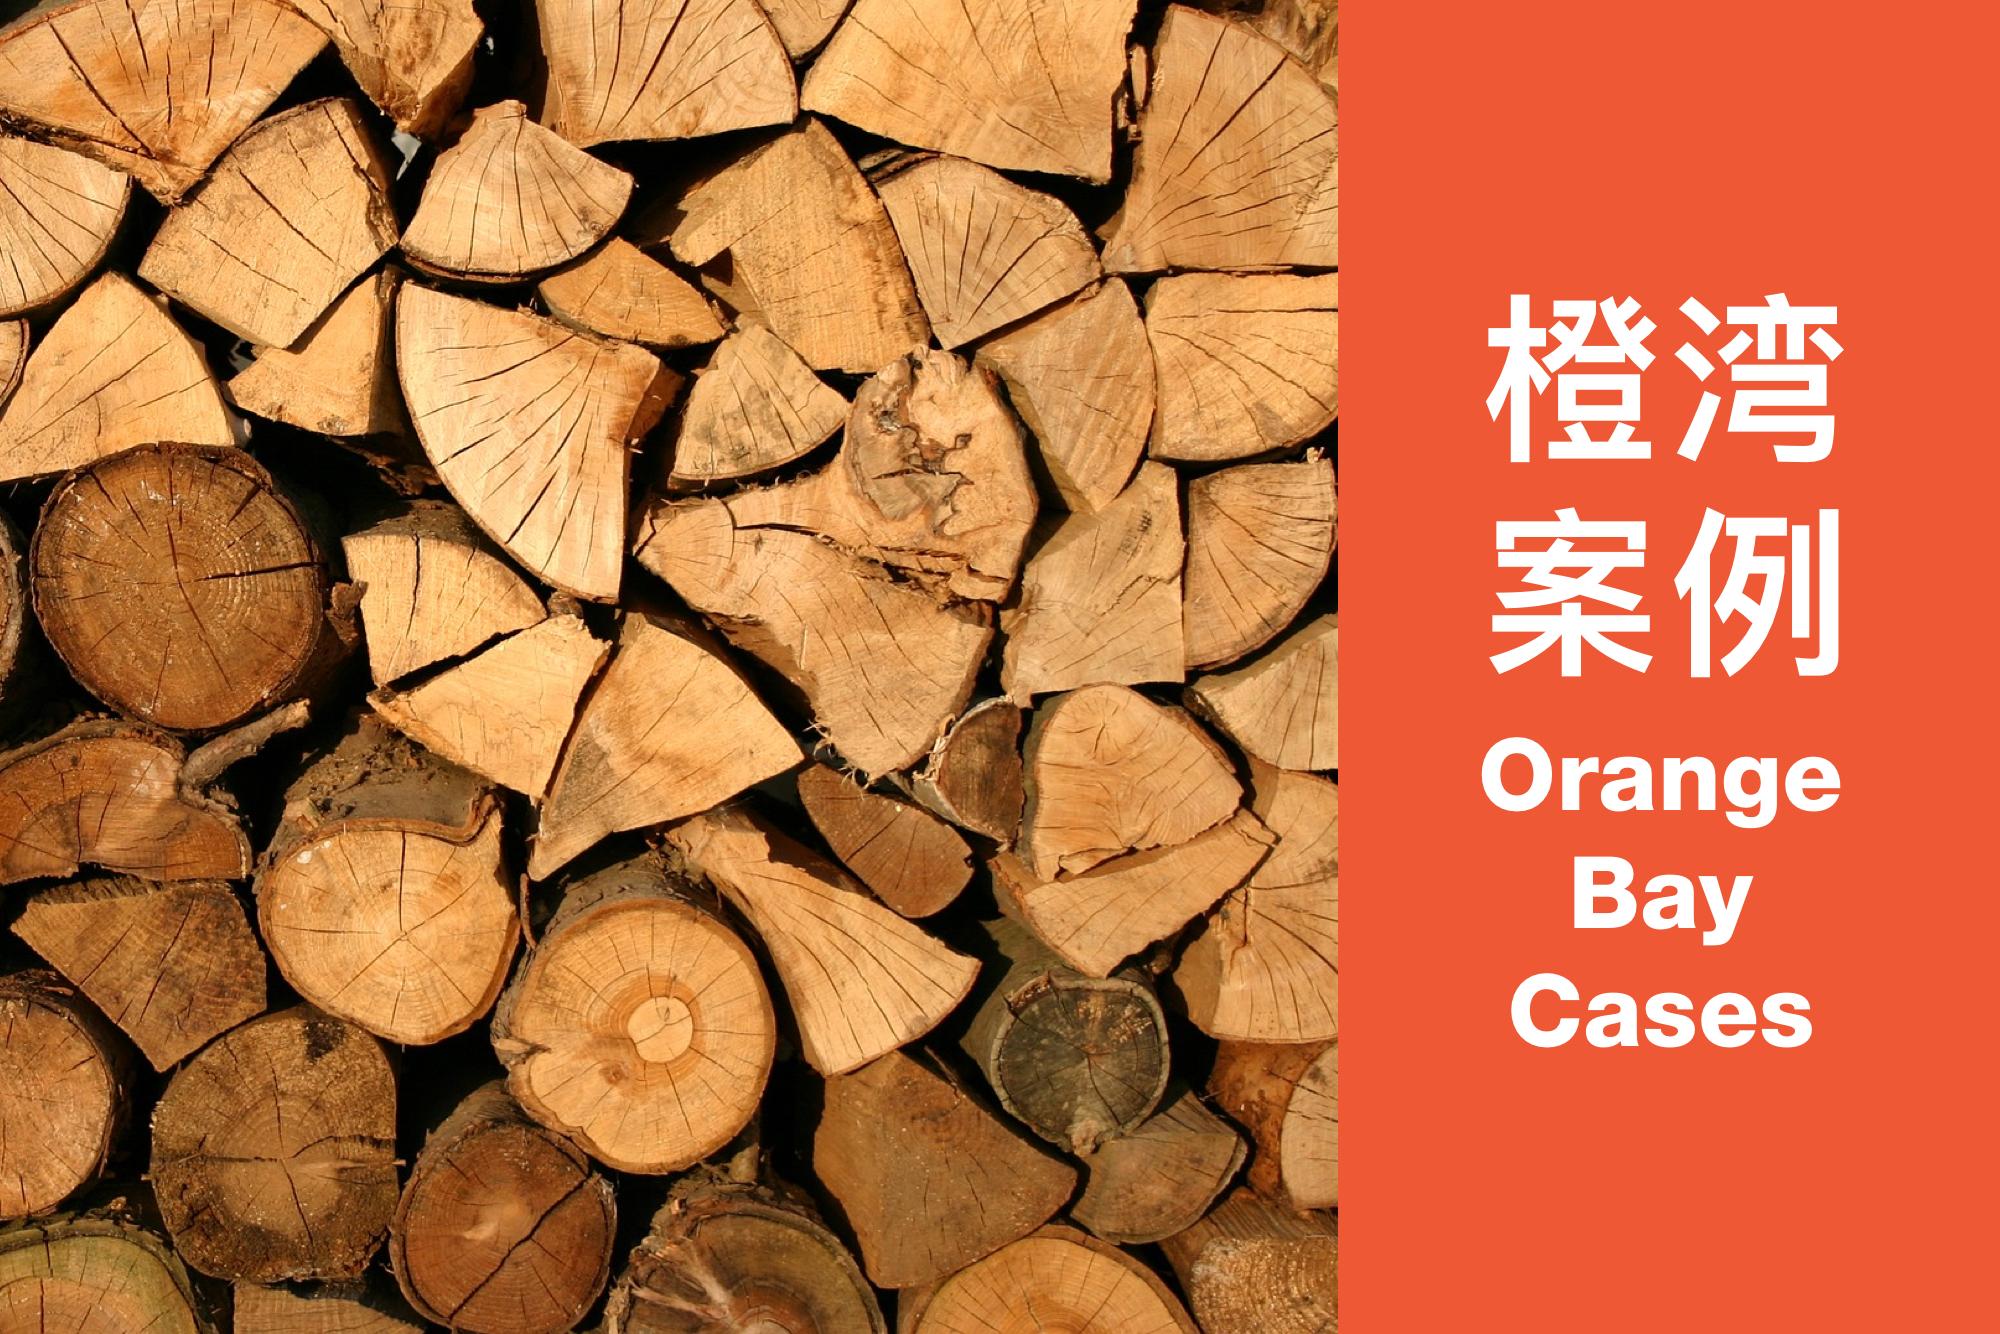 报名丨橙湾线上案例课:收购·剥离  Gucci母公司如何从木材商演变为奢侈品集团(6月17日,晚八点)